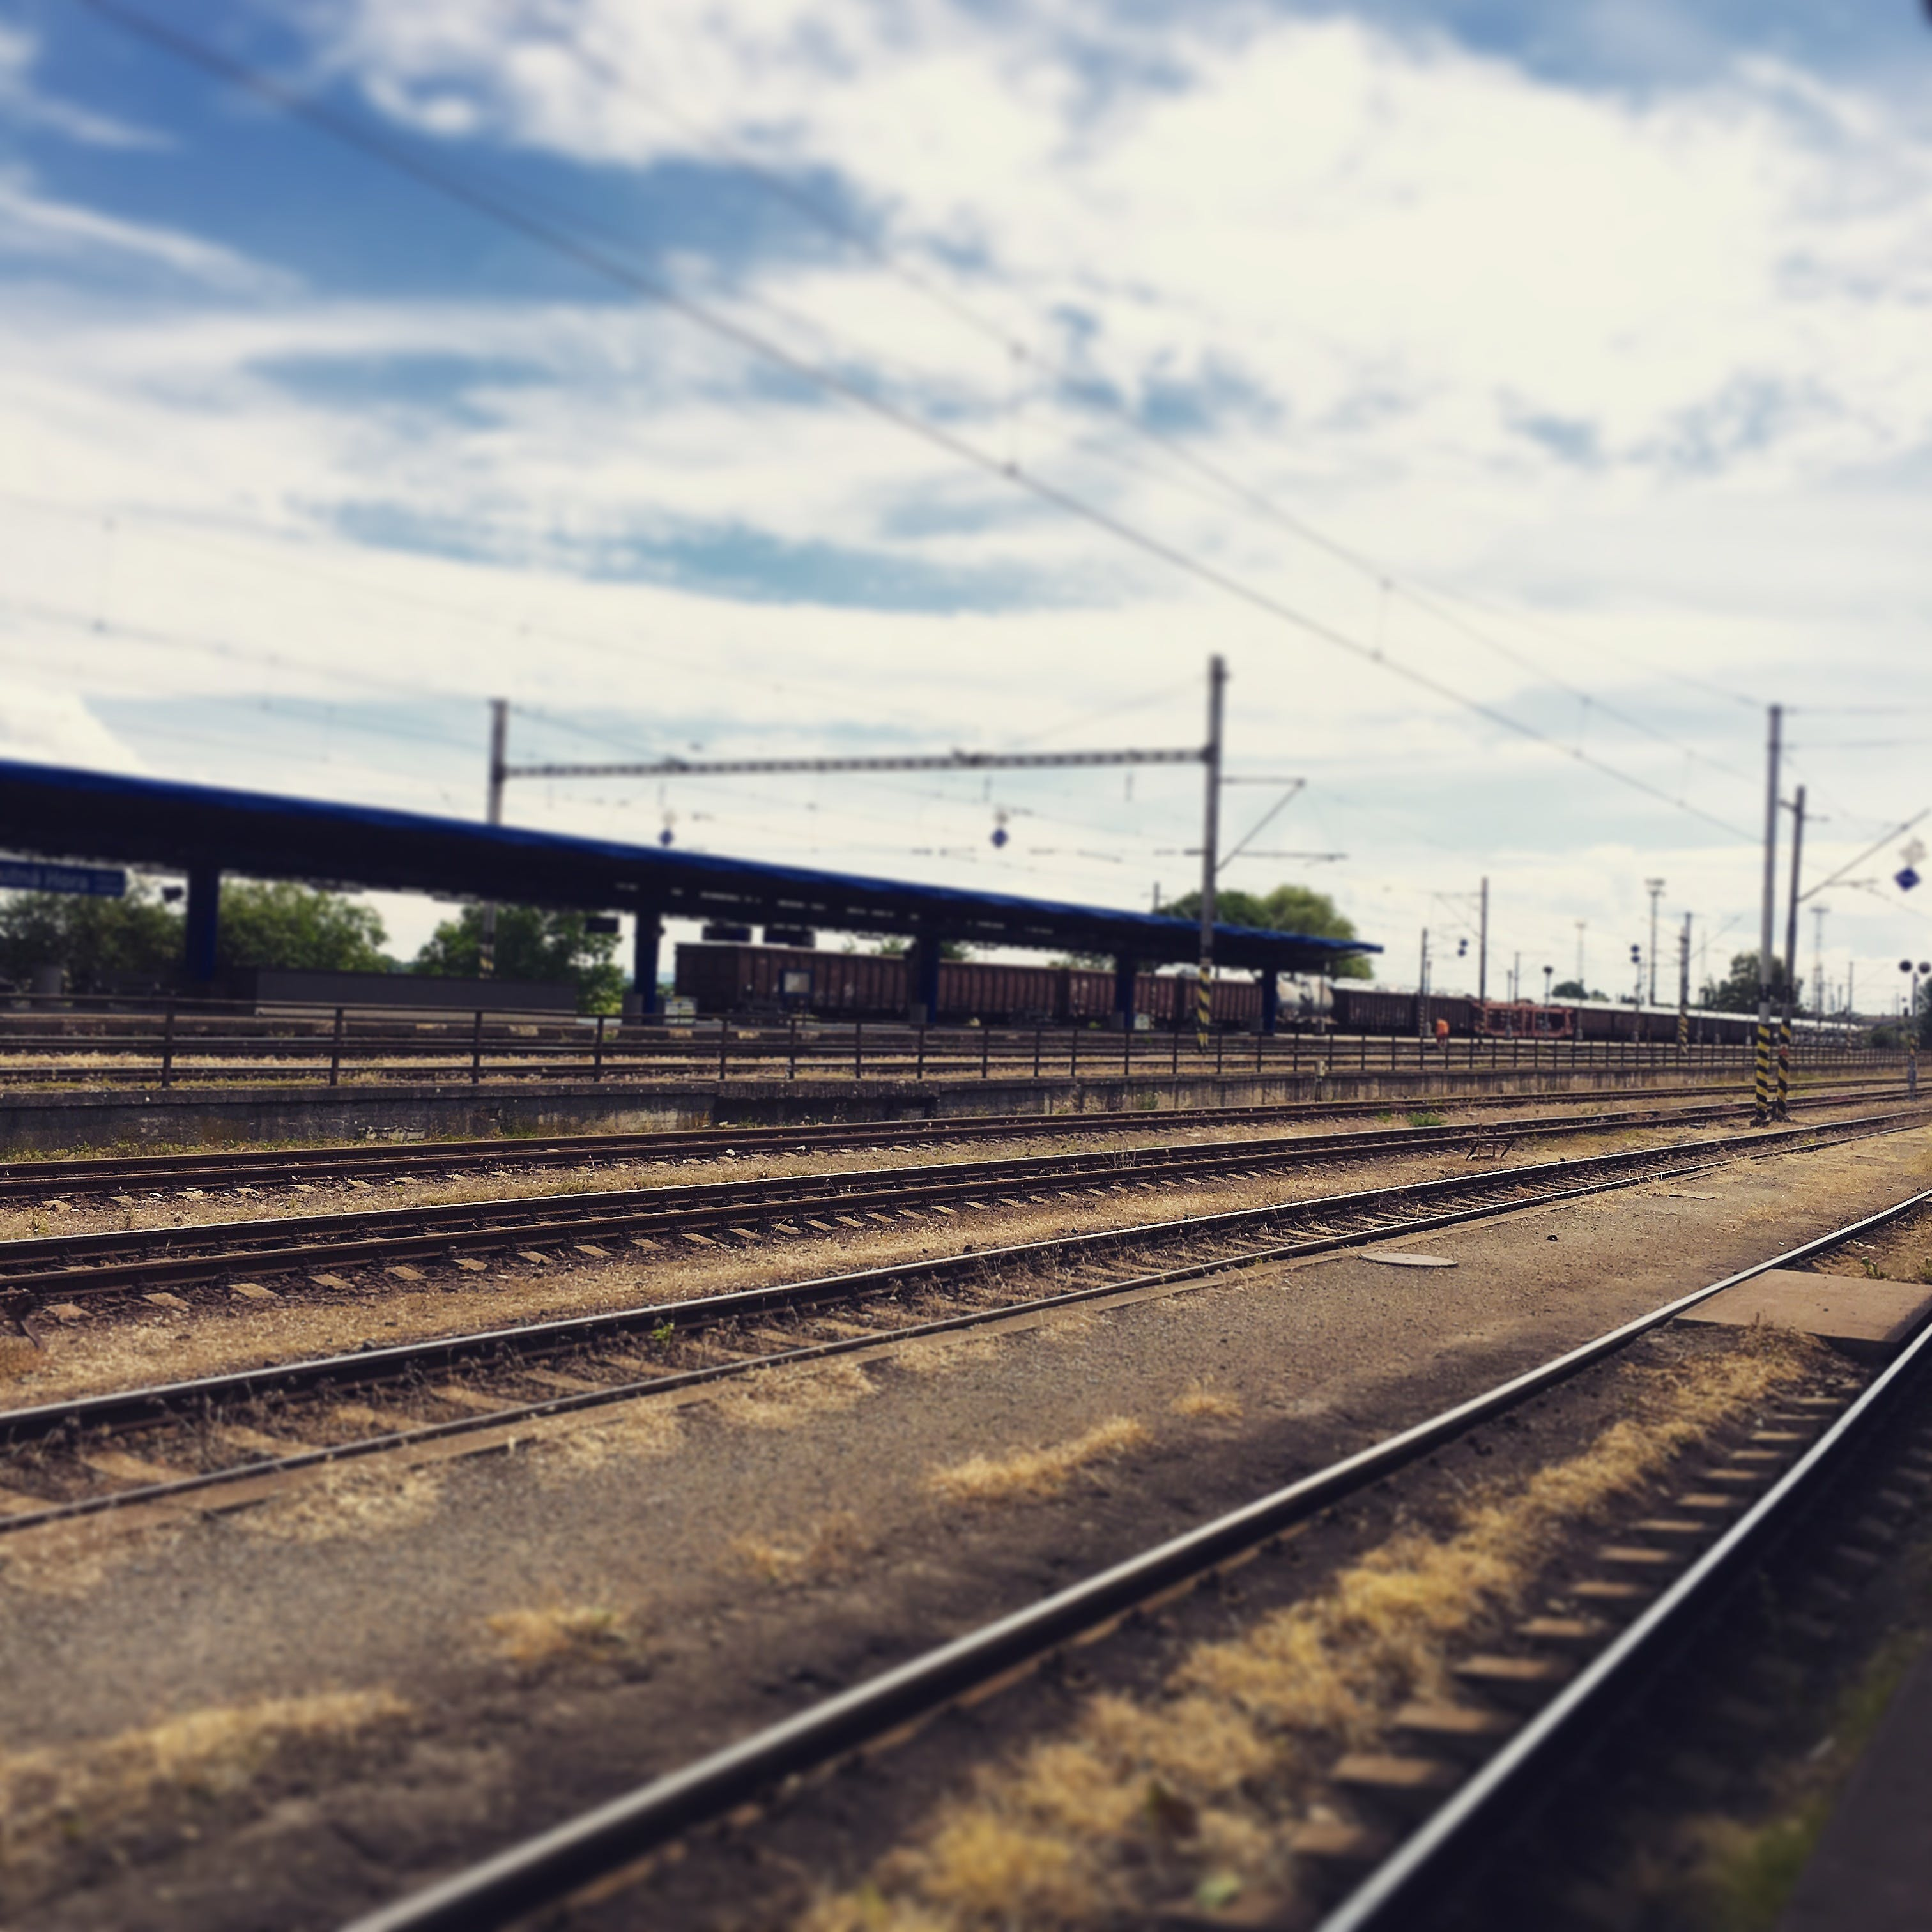 Gratis lagerfoto af jernbane, stål, station, togbane